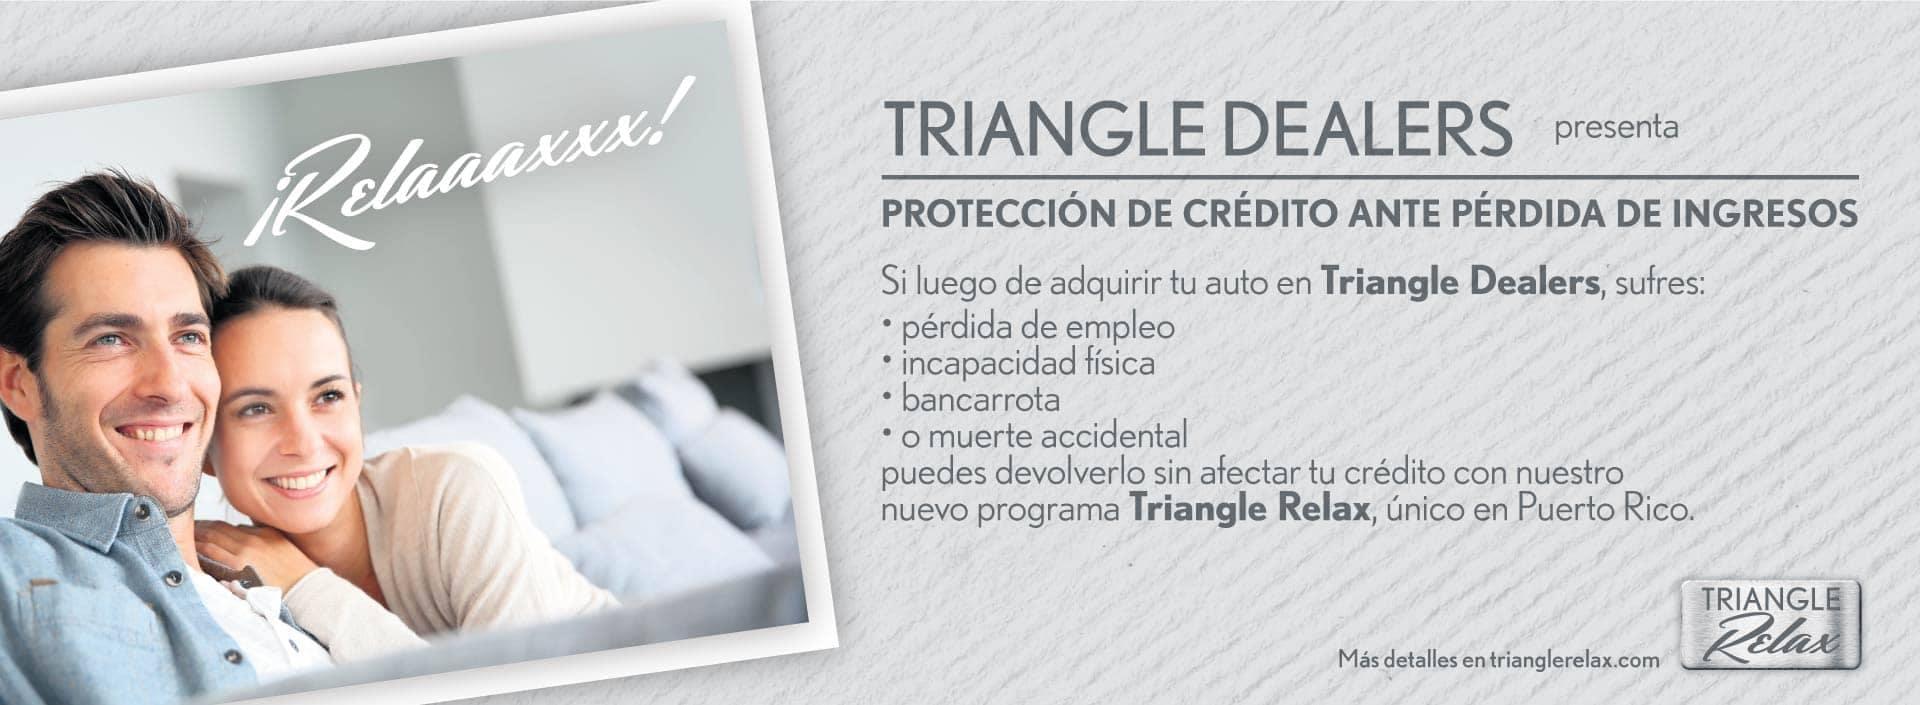 Triangle Nissan Banner - Proteccion de credito ante perdida de ingresos